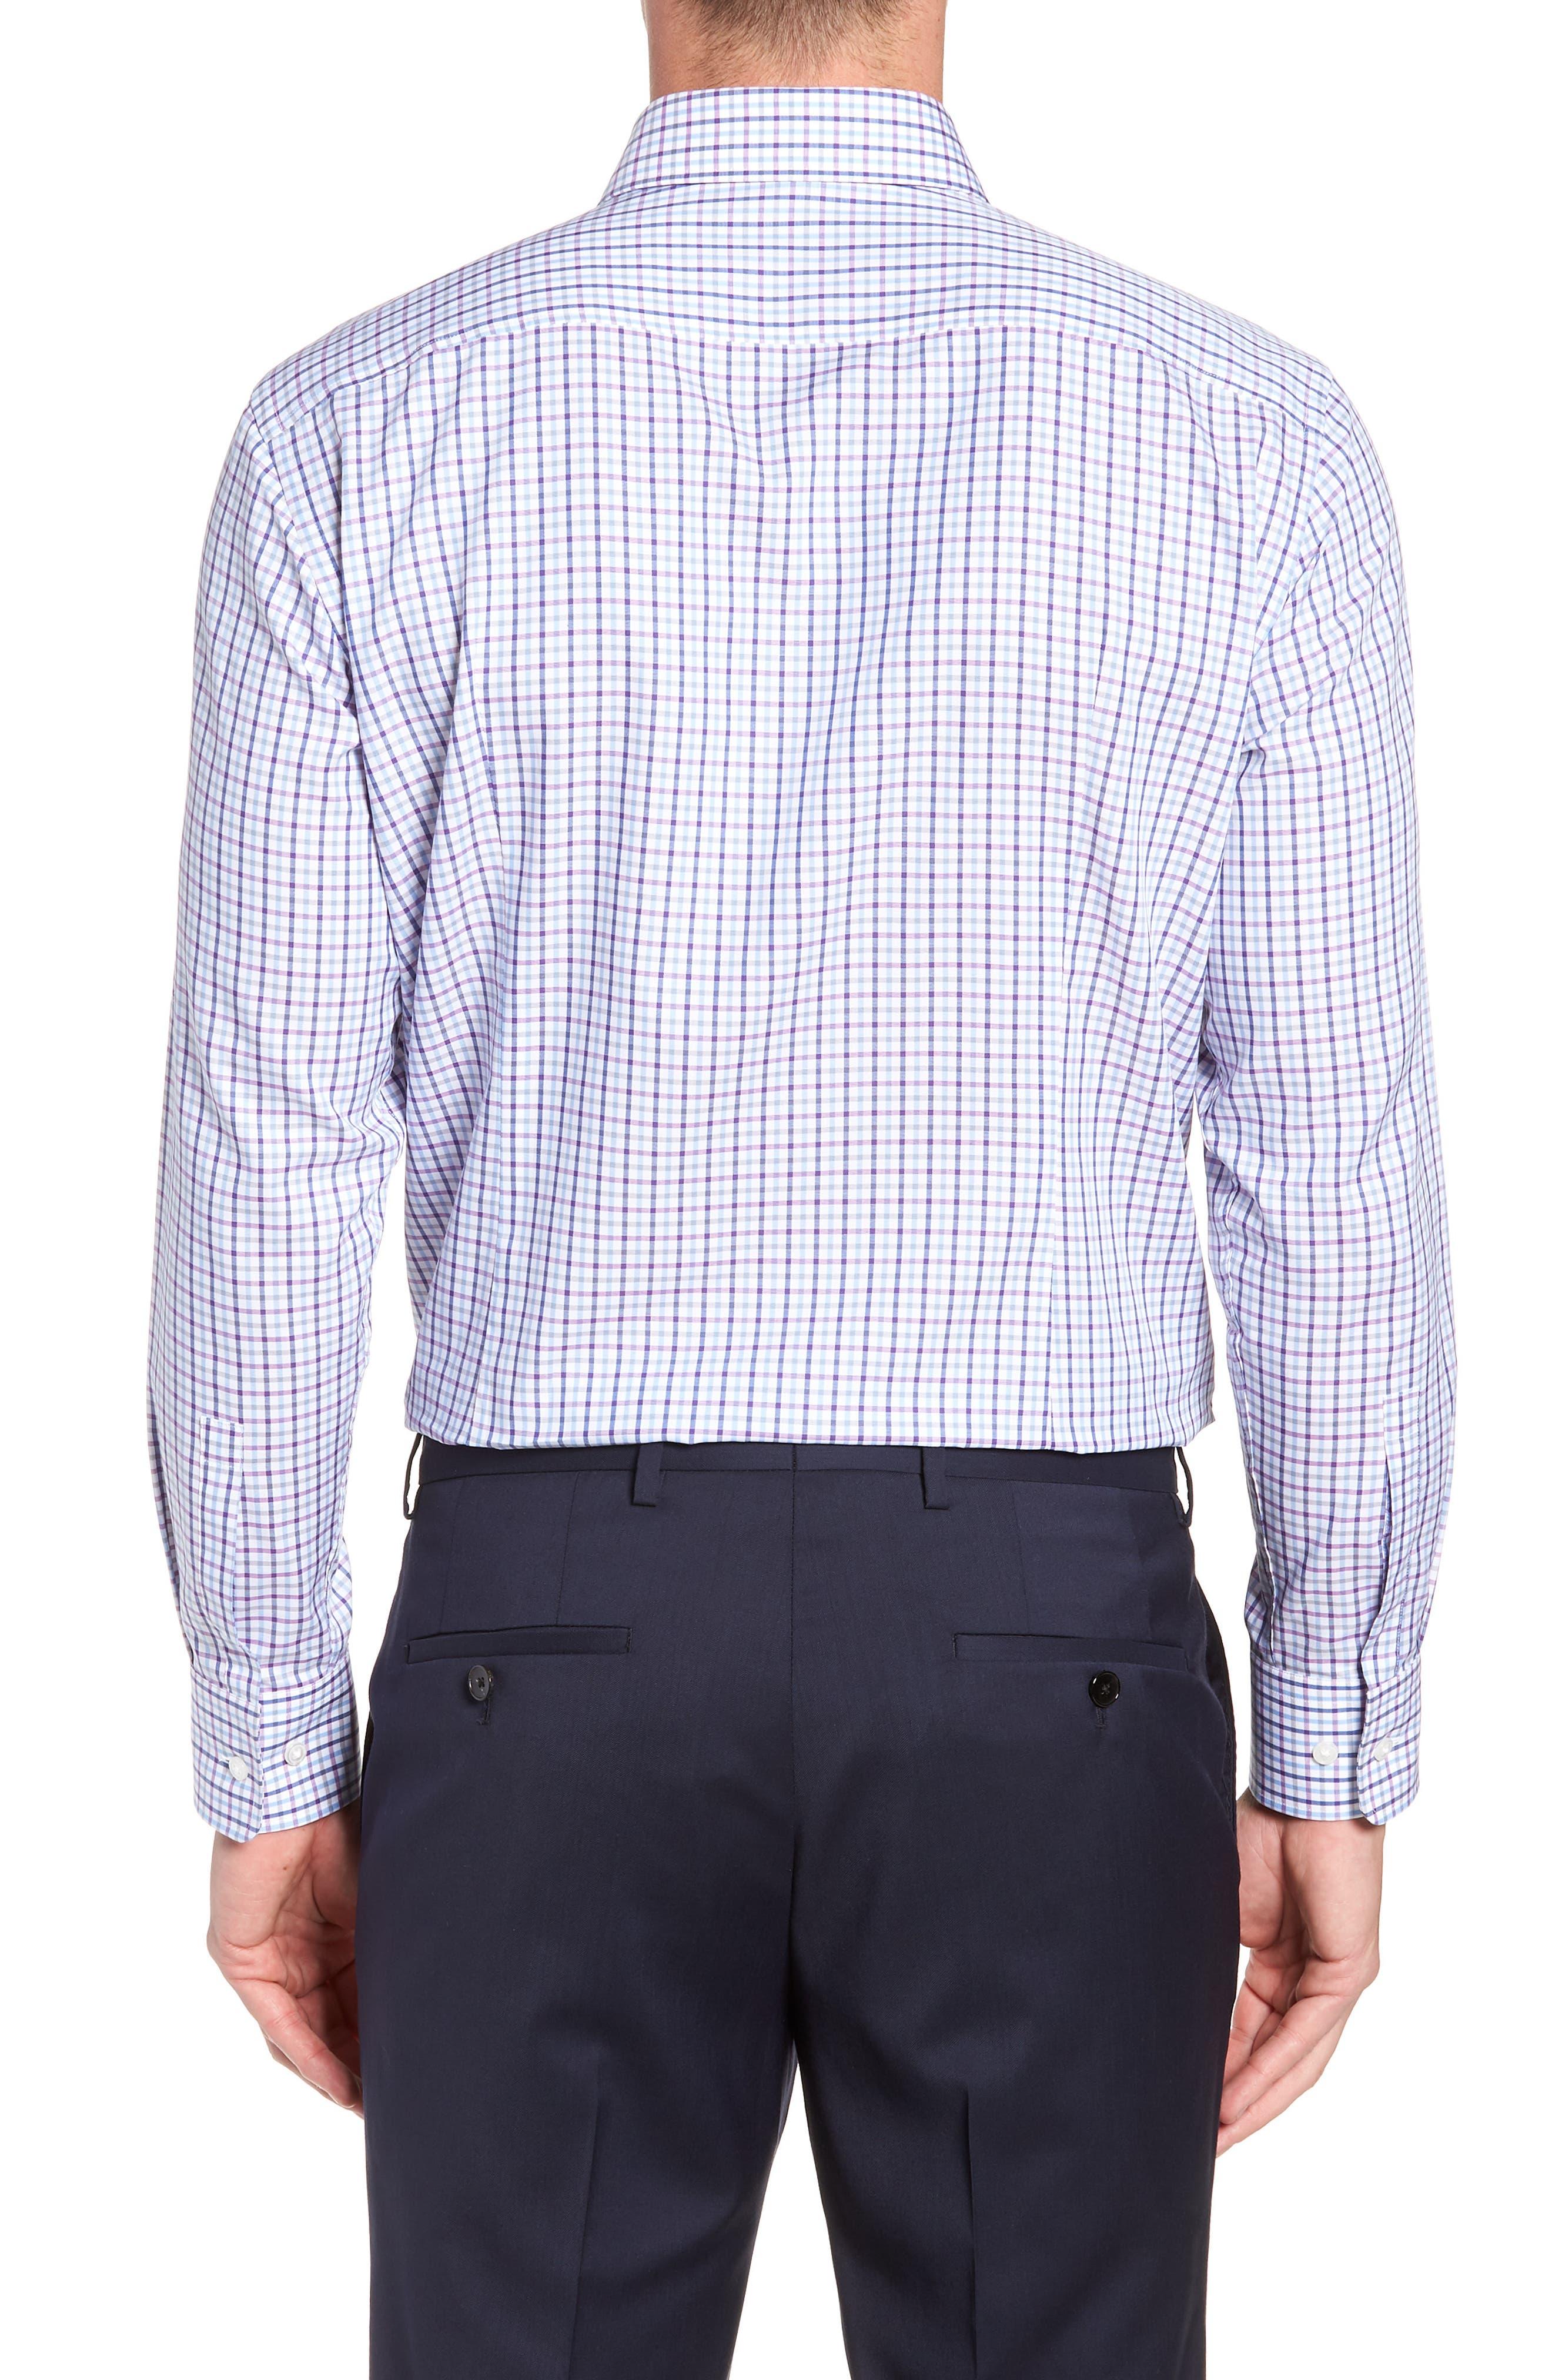 Sharp Fit Mark Check Dress Shirt,                             Alternate thumbnail 3, color,                             PURPLE